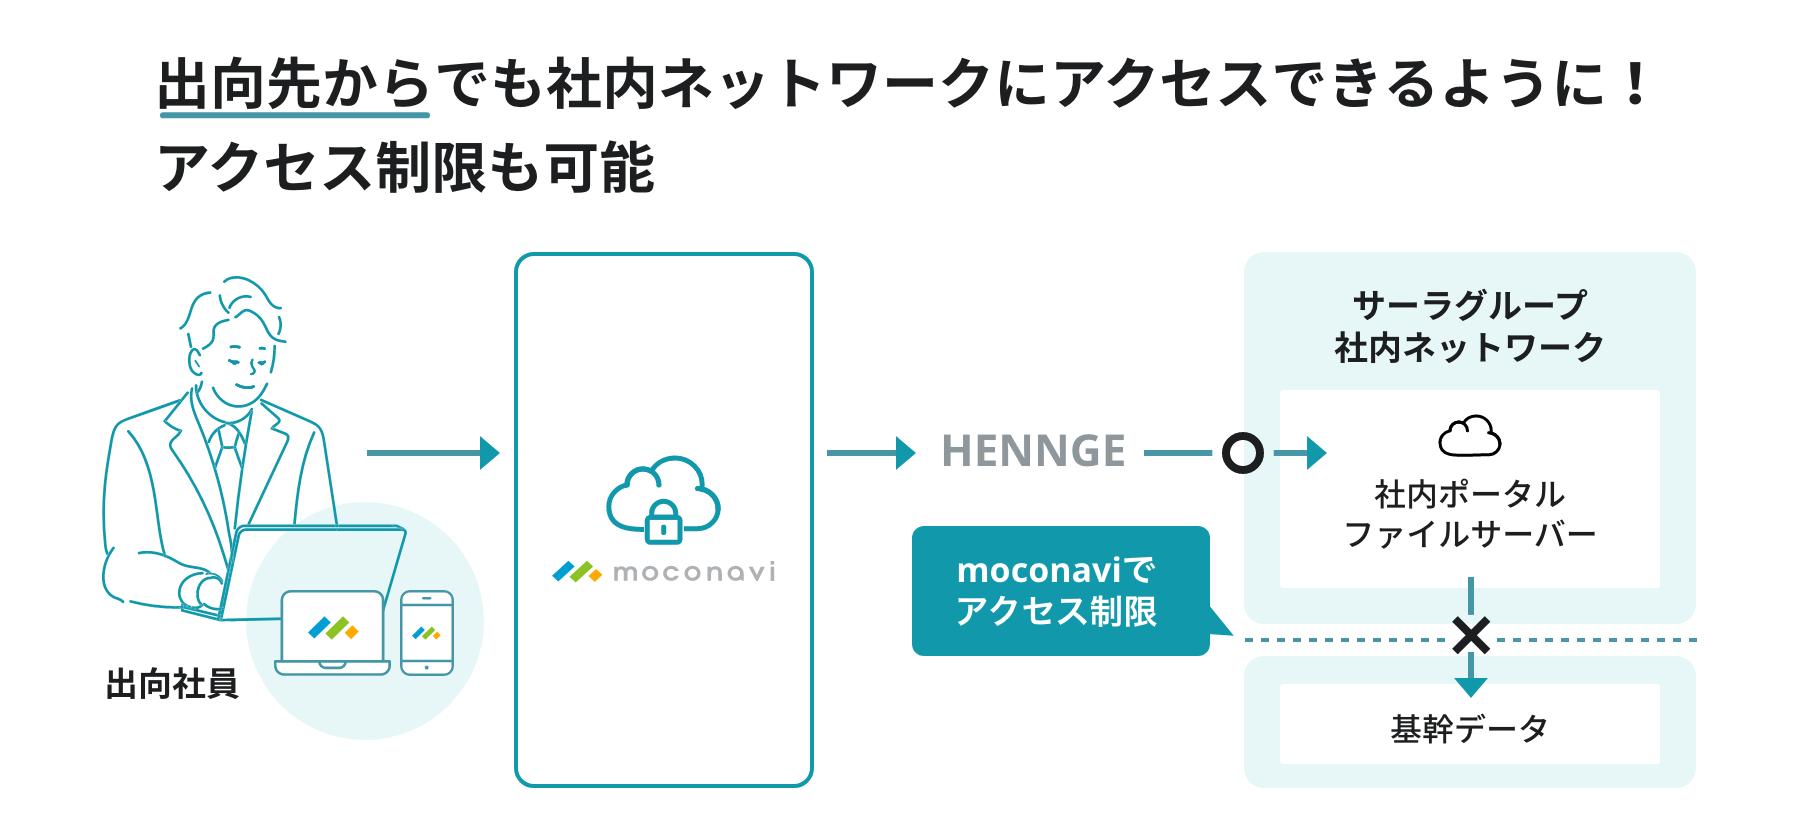 向先から社内ネットワークへアクセス可能